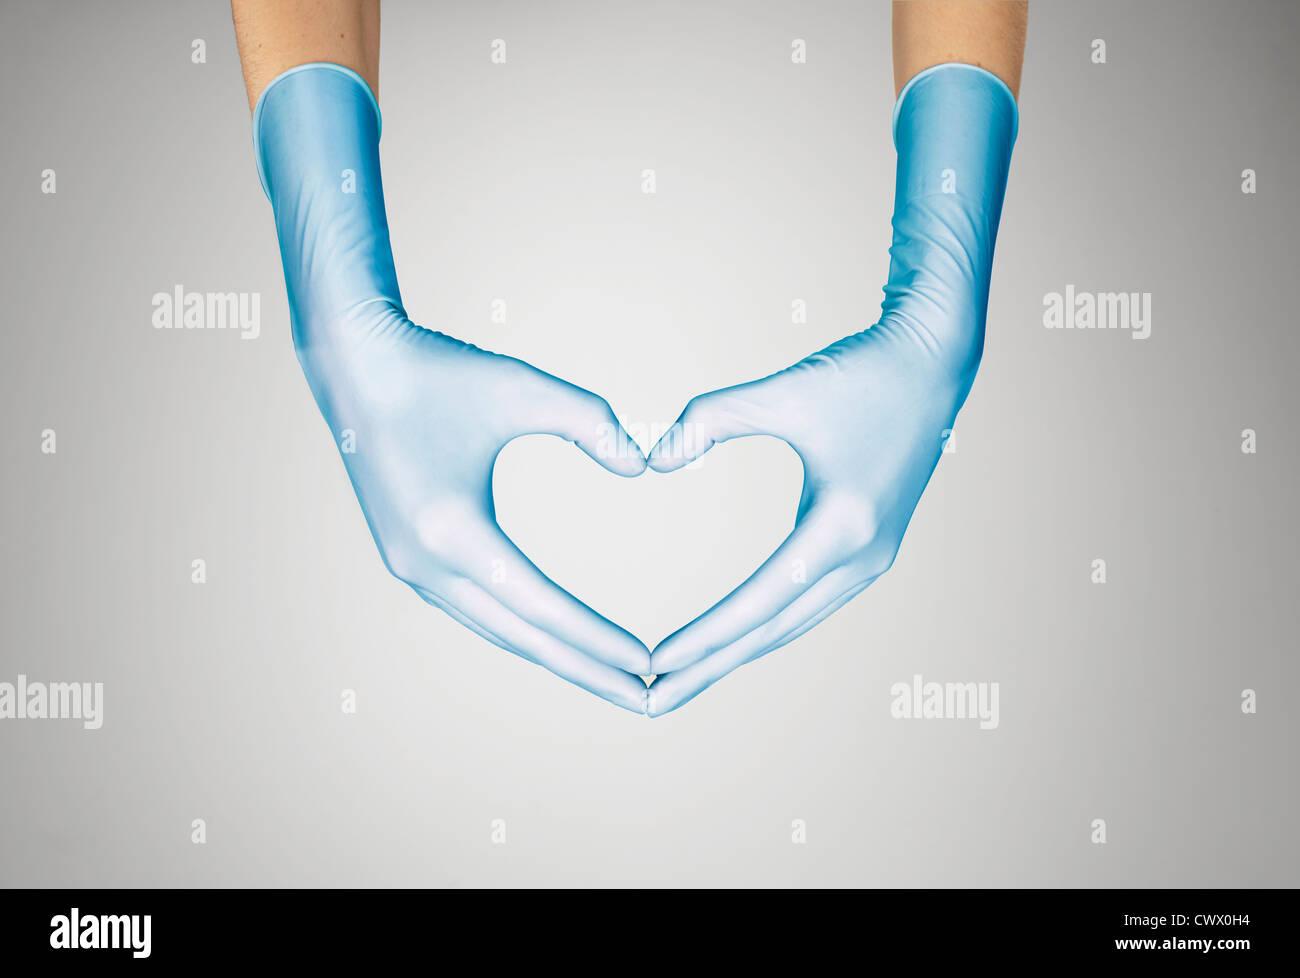 Mani guantate messa a forma di cuore Immagini Stock